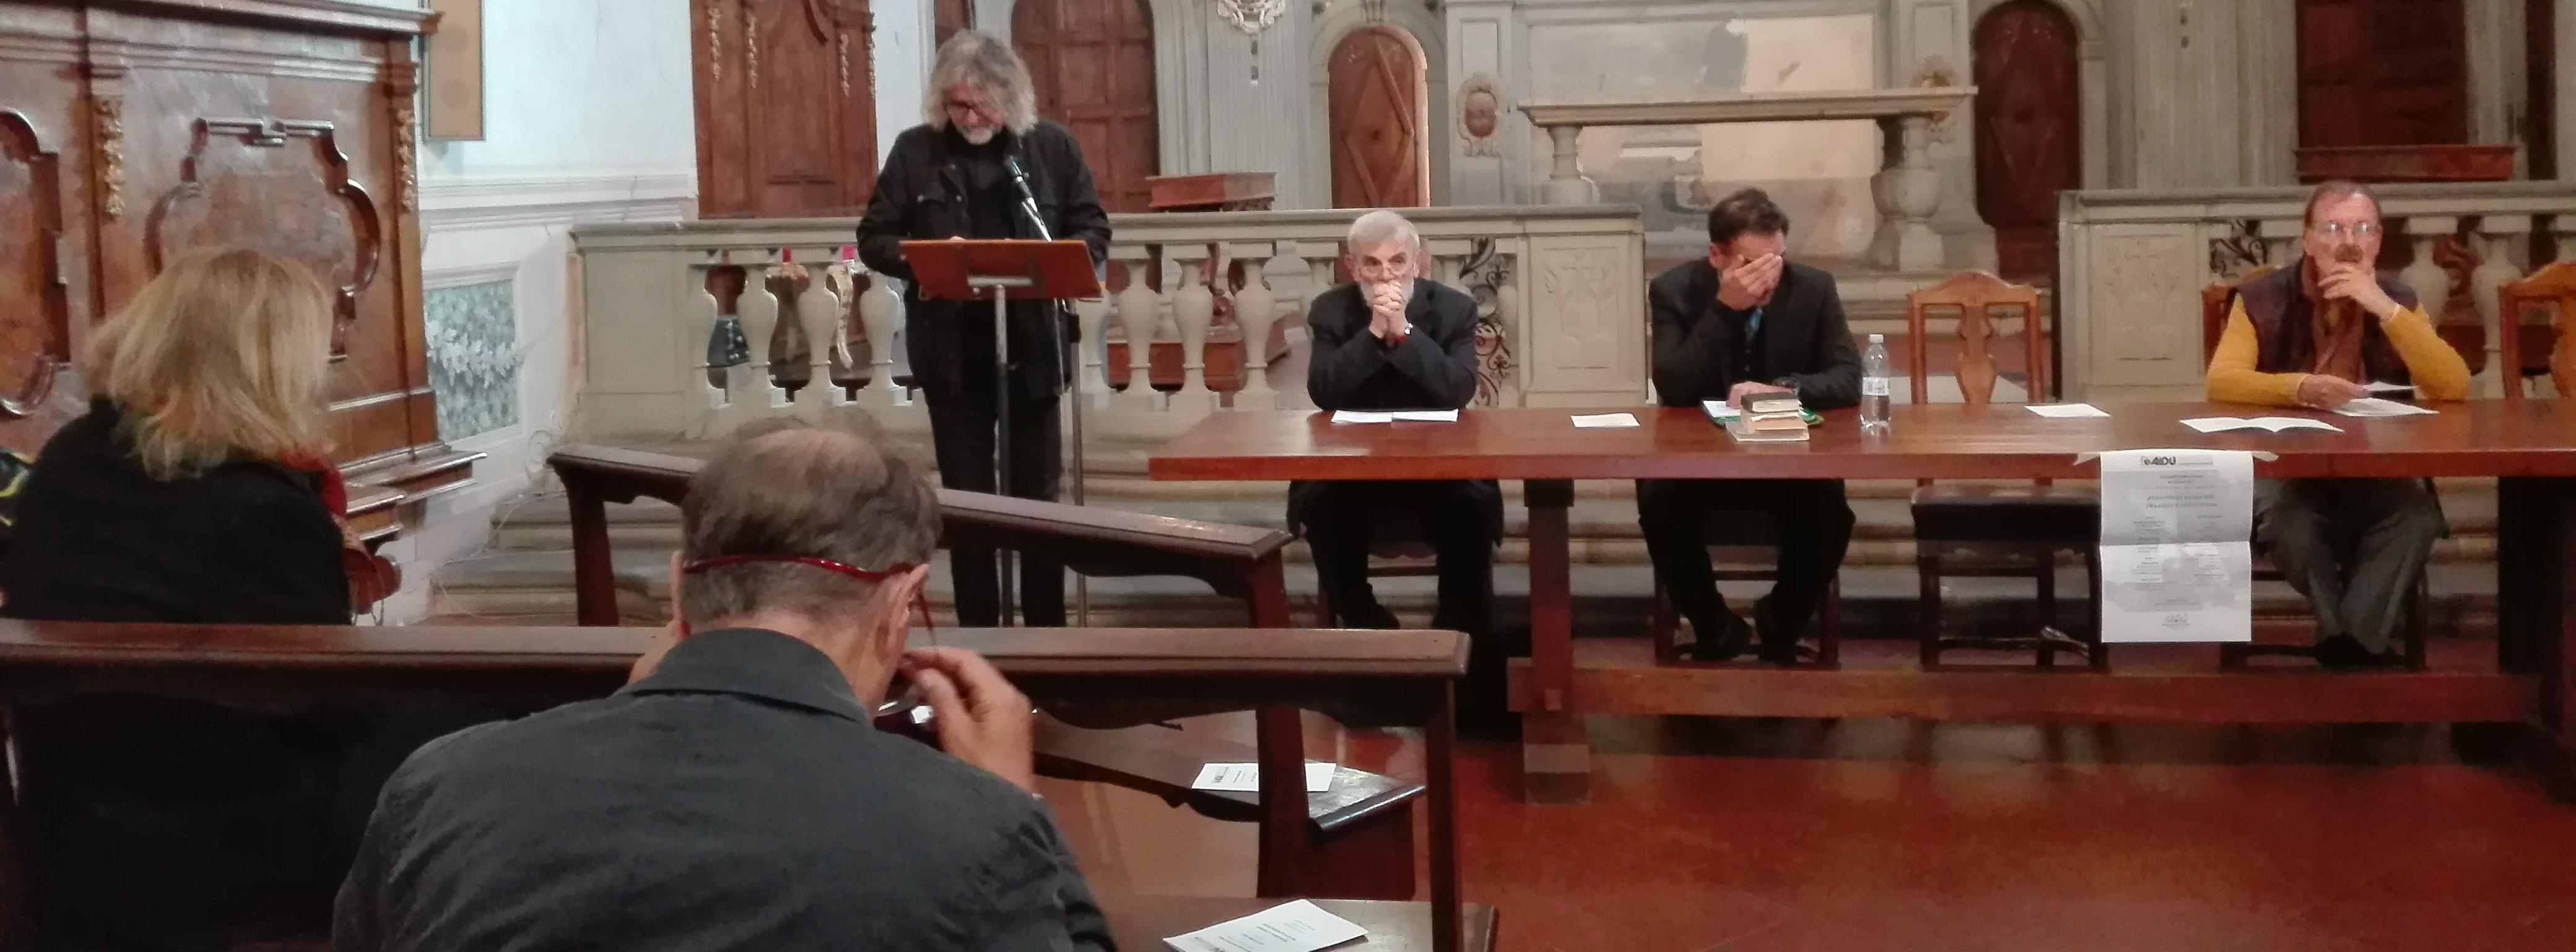 Convegno AIDU di Firenze 20 ottobre 2017